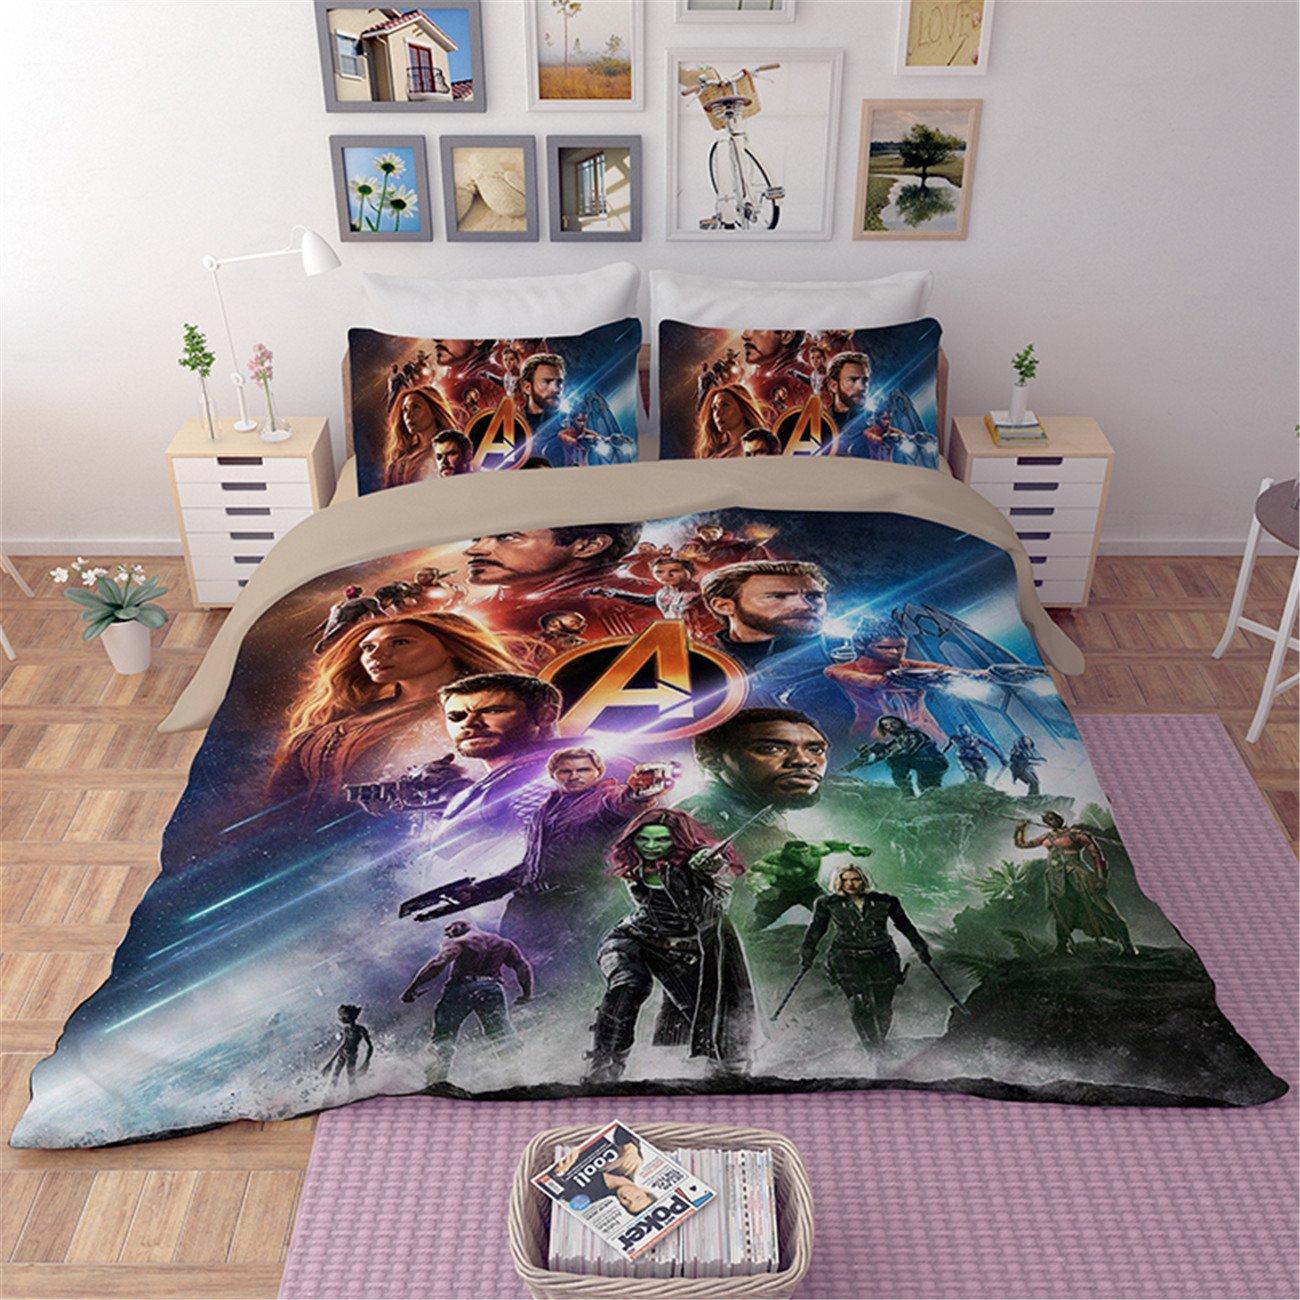 NOOS 3D Avengers Bedding Sets 2018 New Best Gifts for Bed Sheet Children Cartoon 4-Piece 1Duvet Cover,1Flat Sheet,2Pillow Shames Twin Full King Size